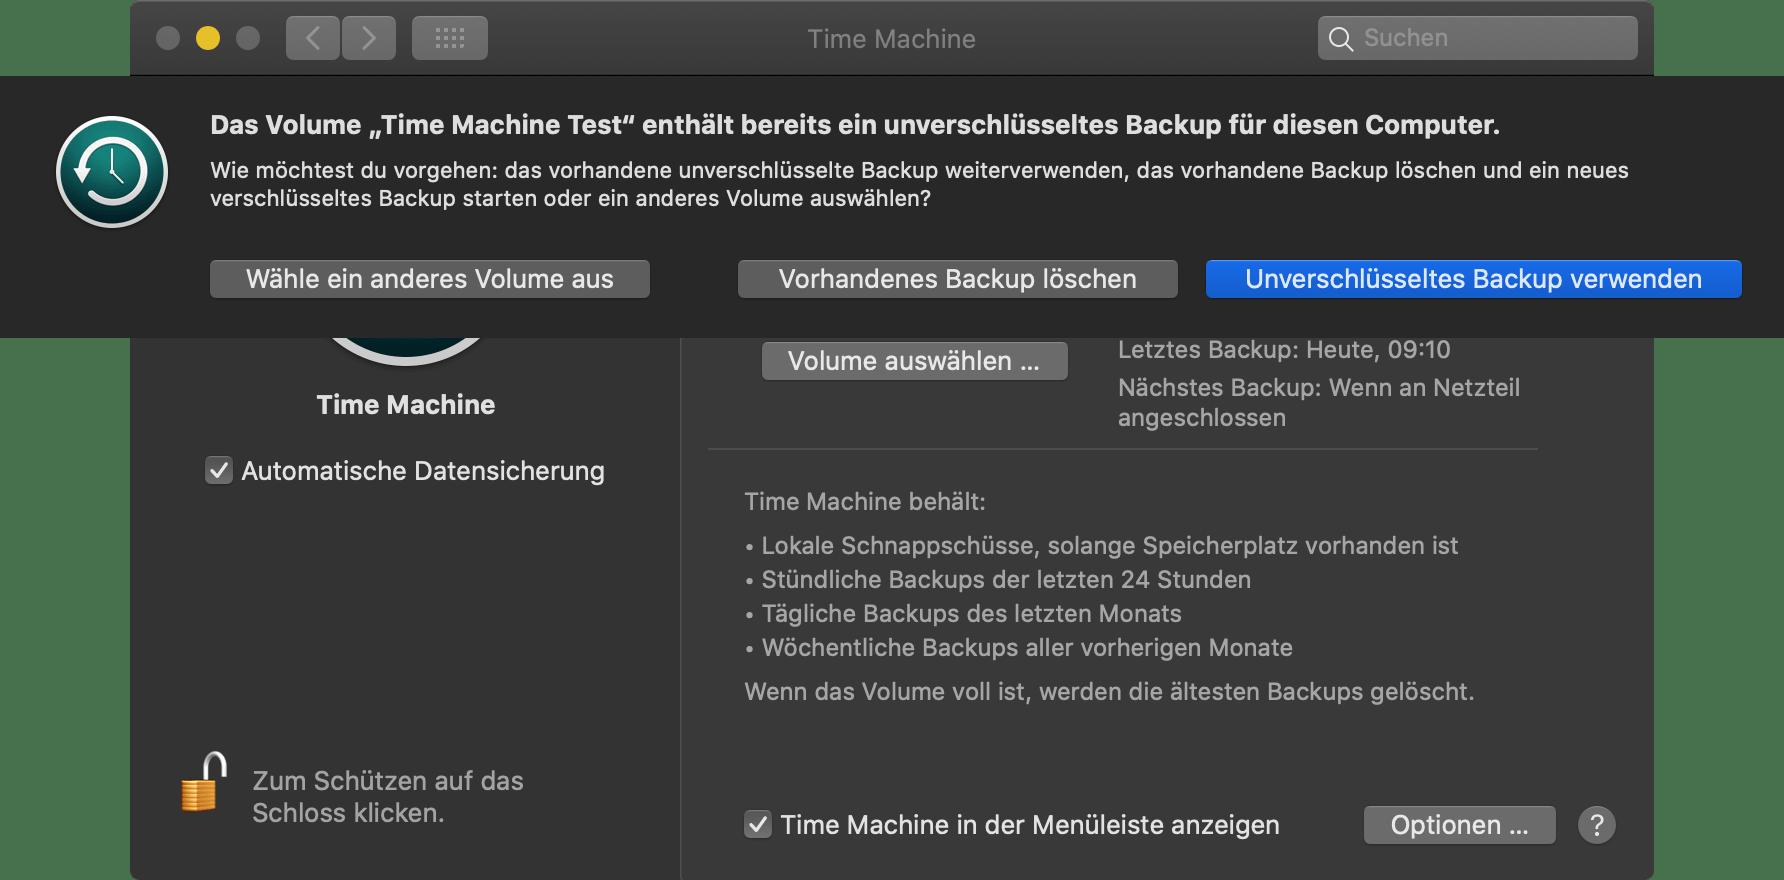 """Das Volume """"Time Machine Test"""" enthält bereits ein unverschlüsseltes Backup für diesen Computer."""